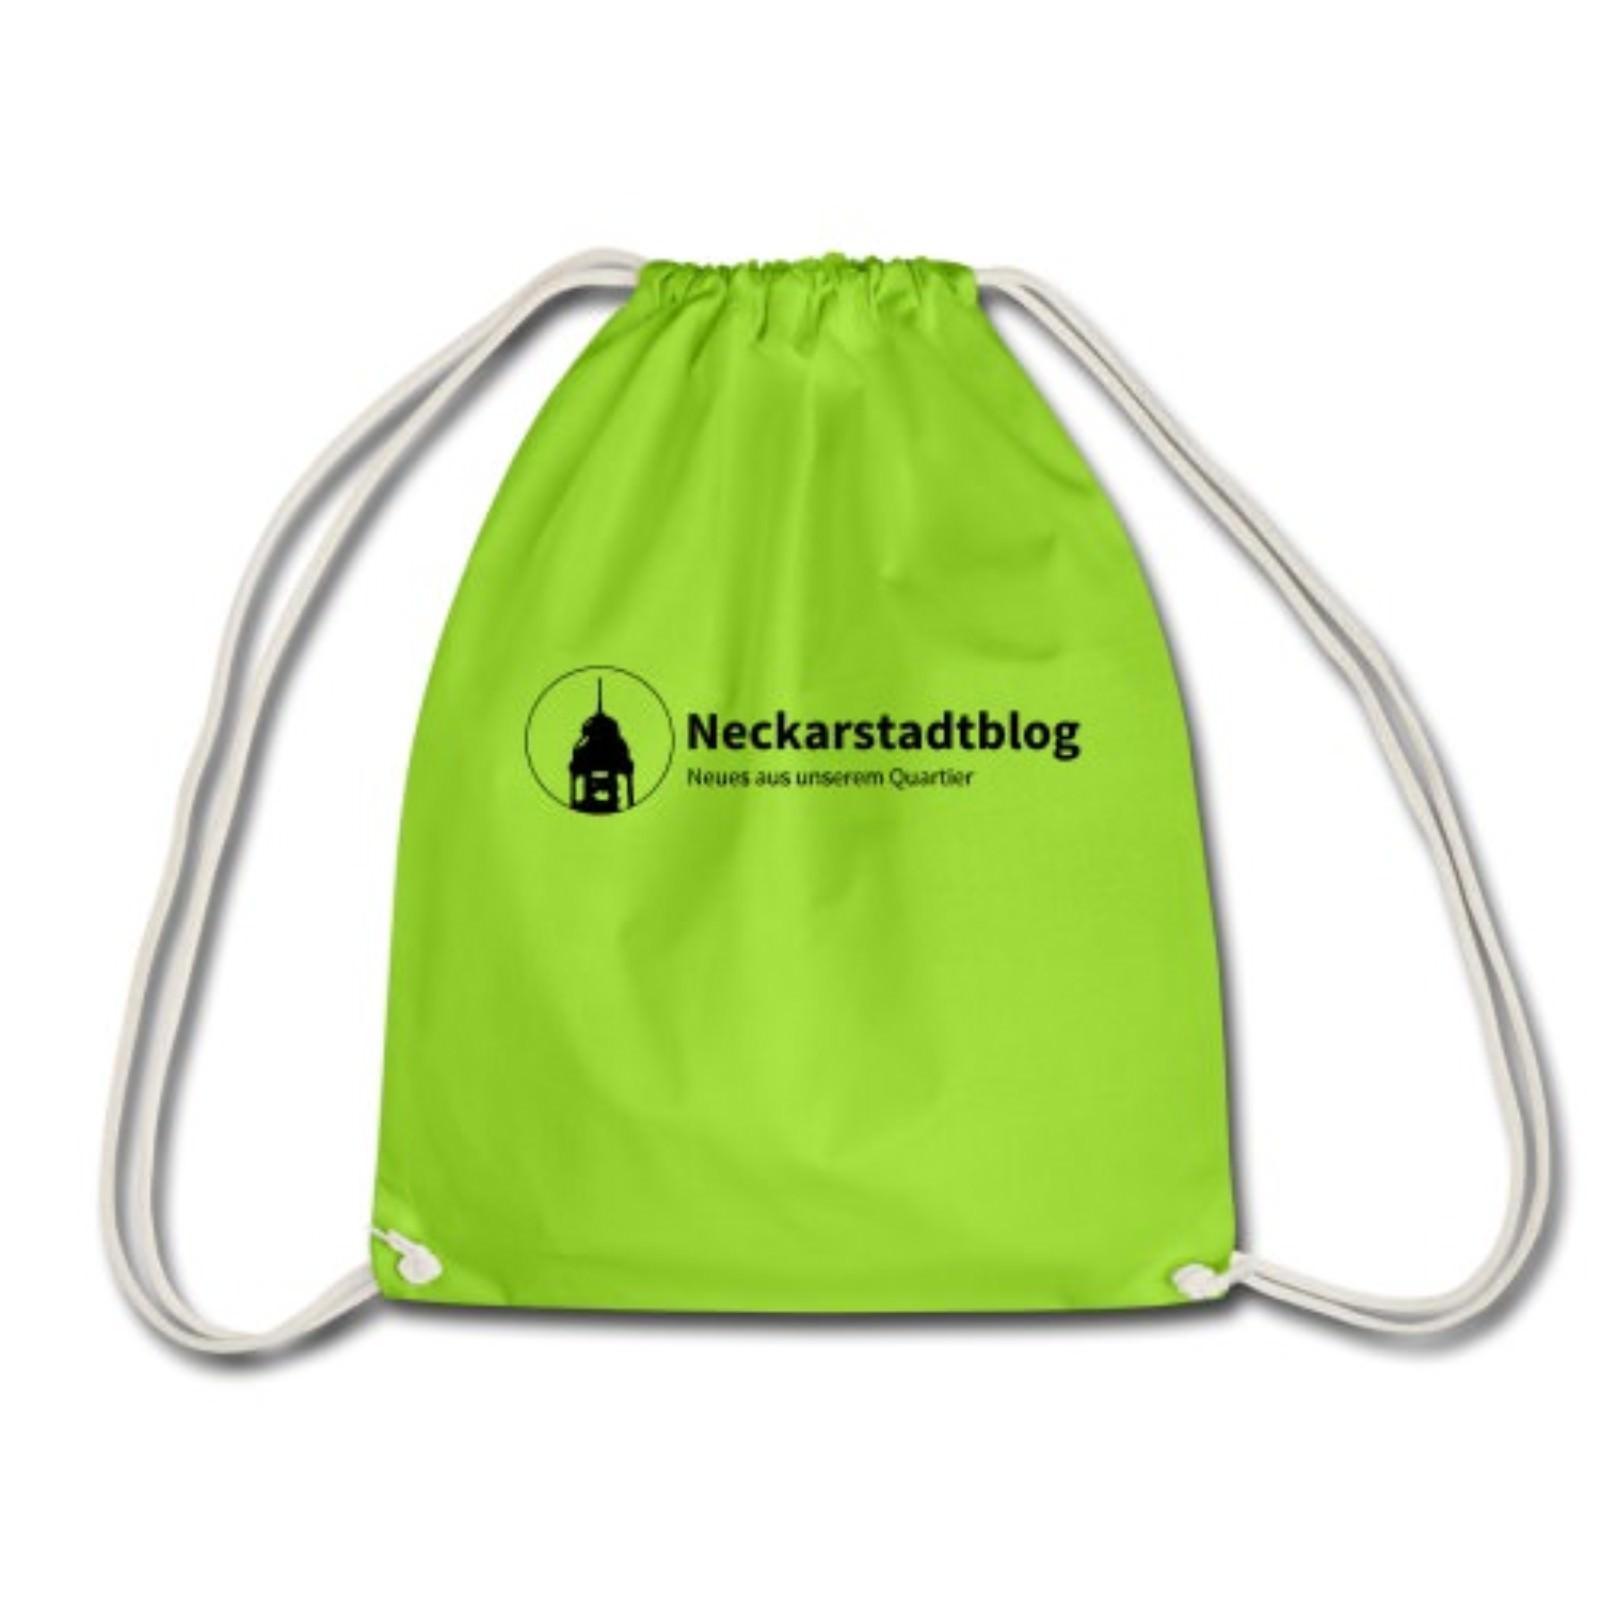 neckarstadtblog-logo-claim-turnbeutel